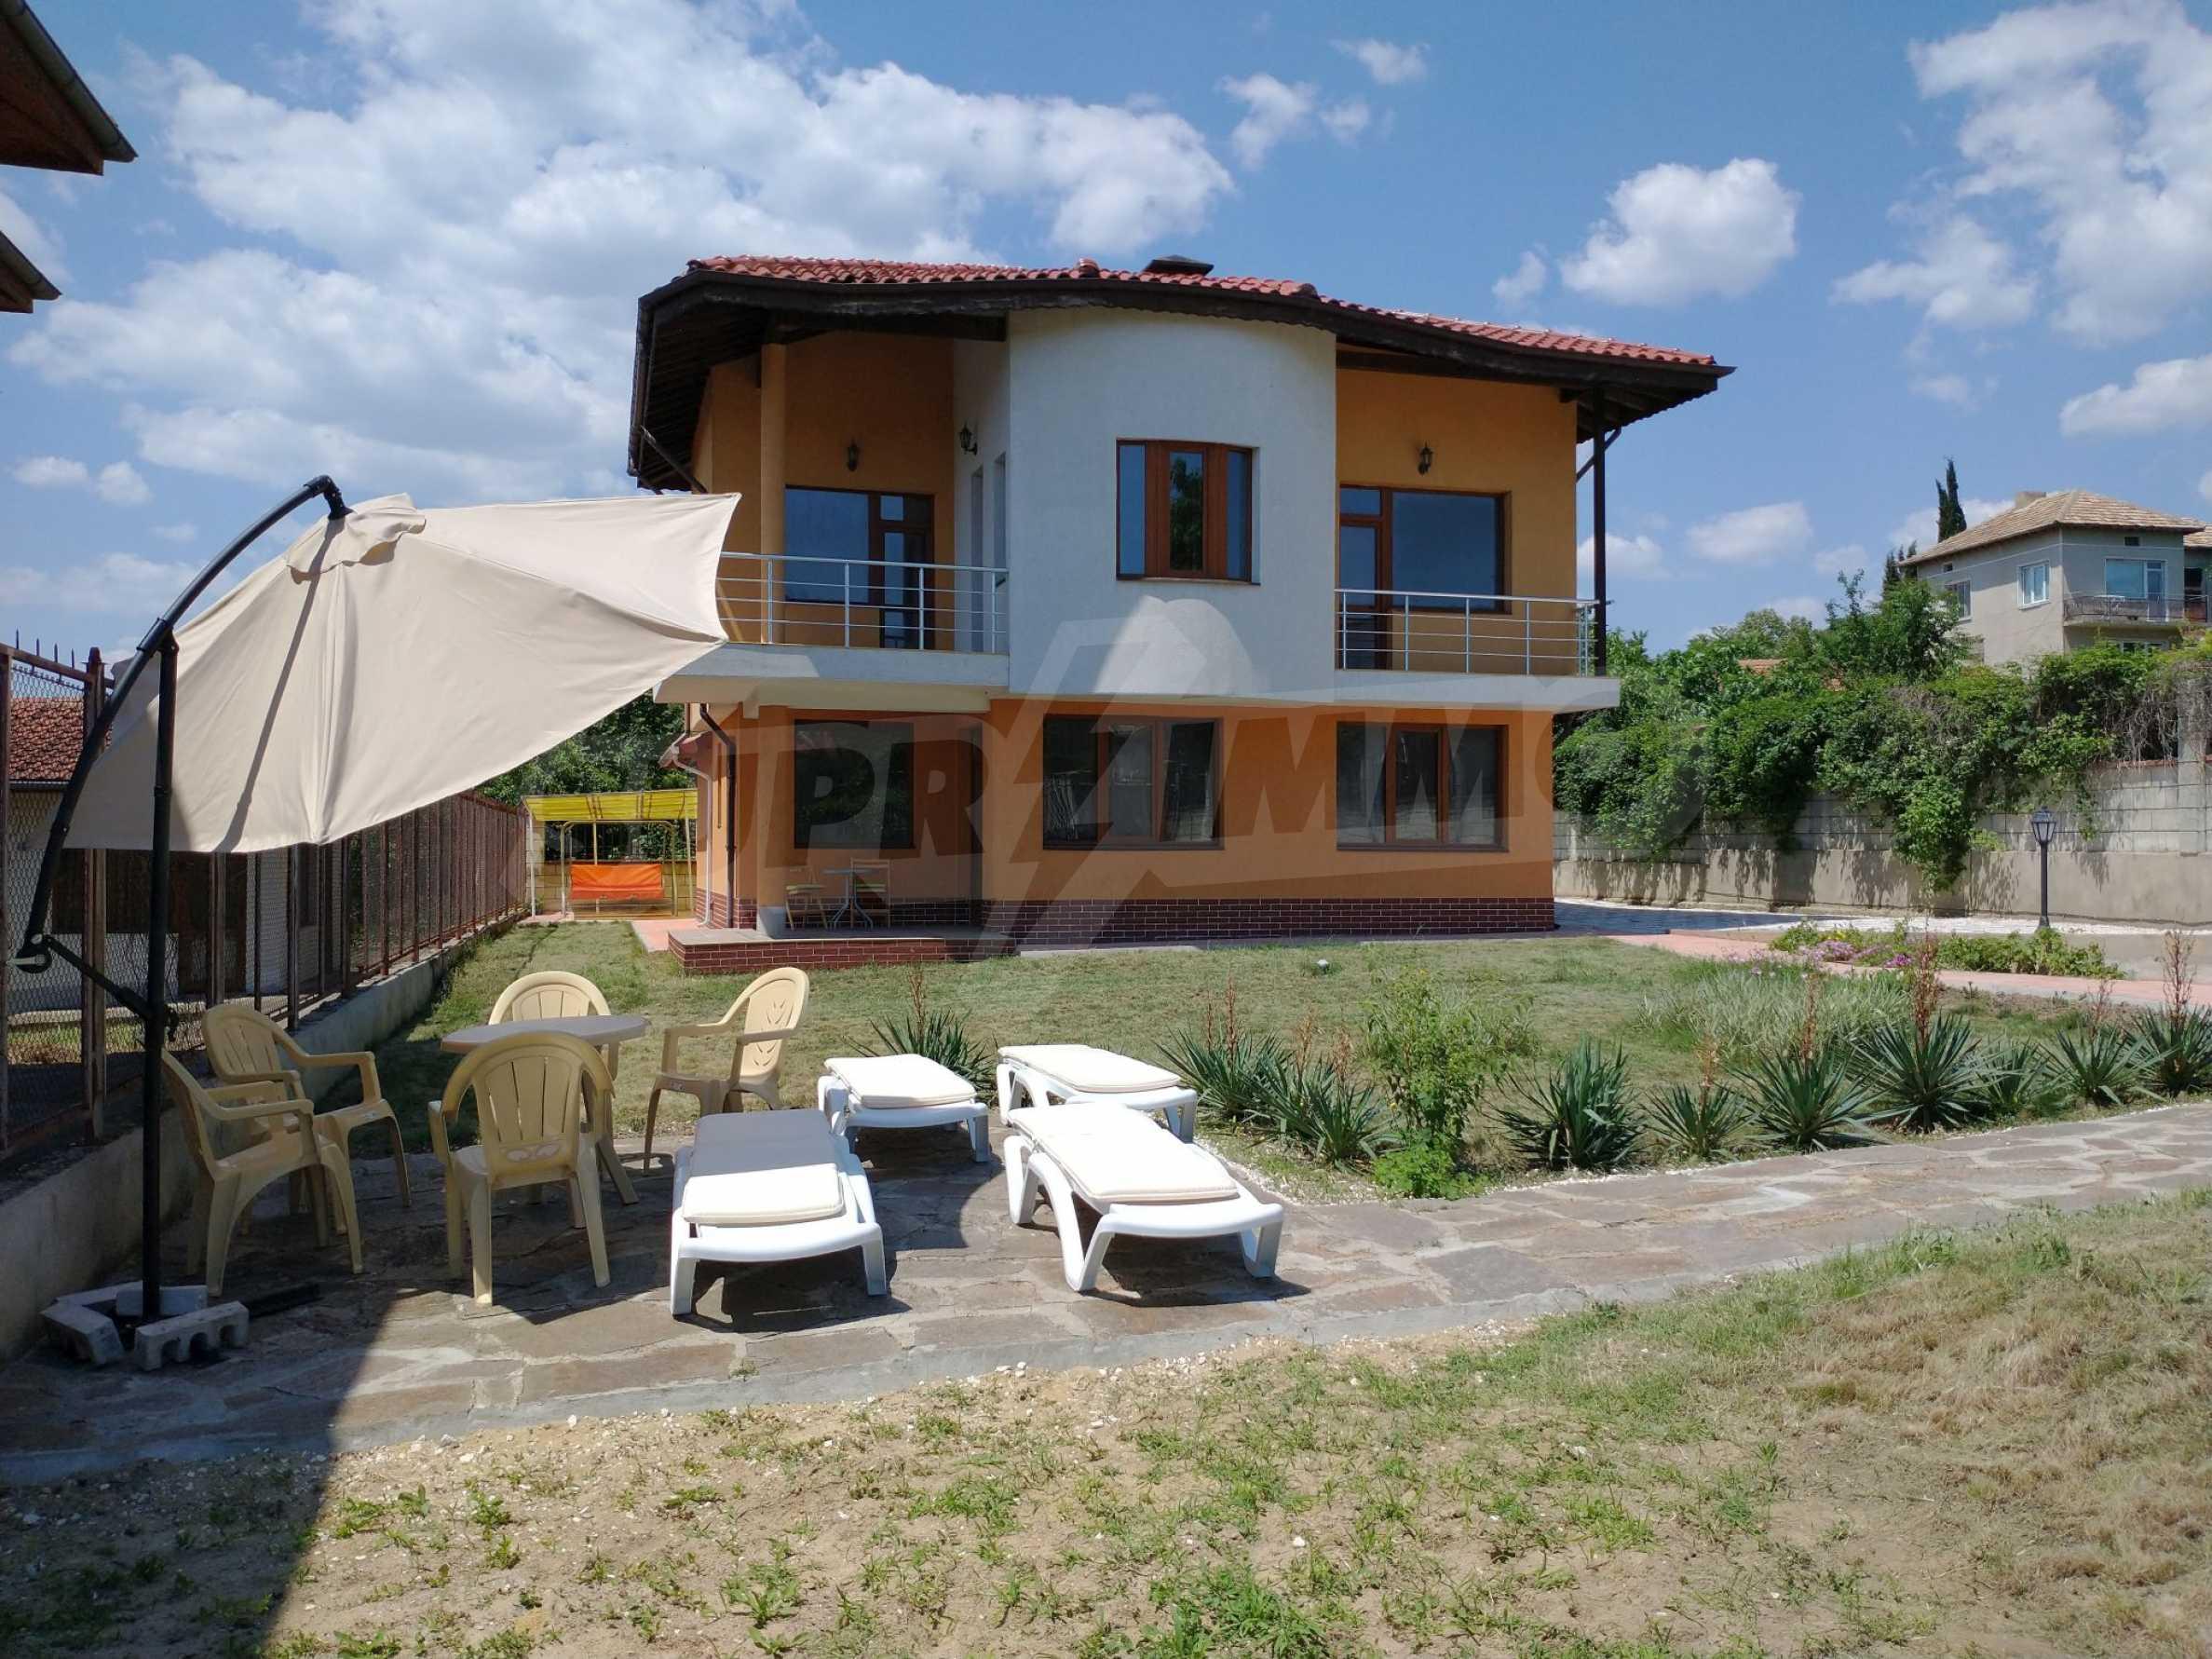 The Orange House 19